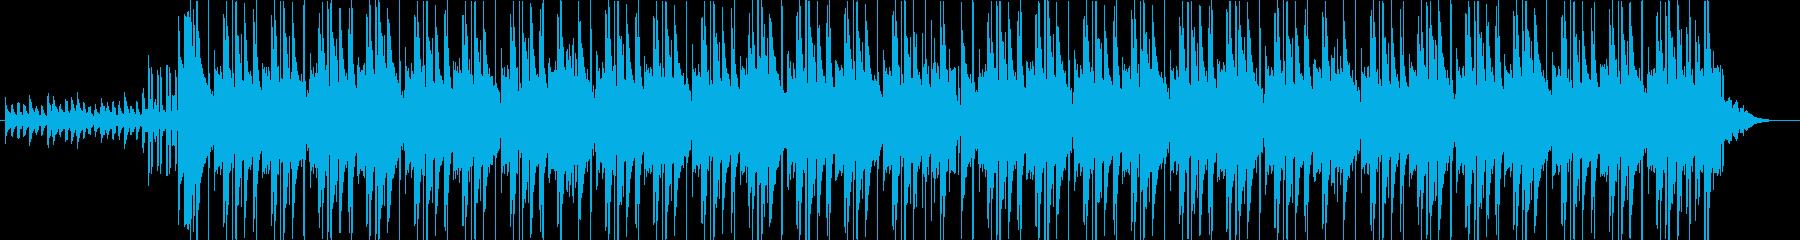 哀愁漂う上モノの現代風なHiphopの再生済みの波形